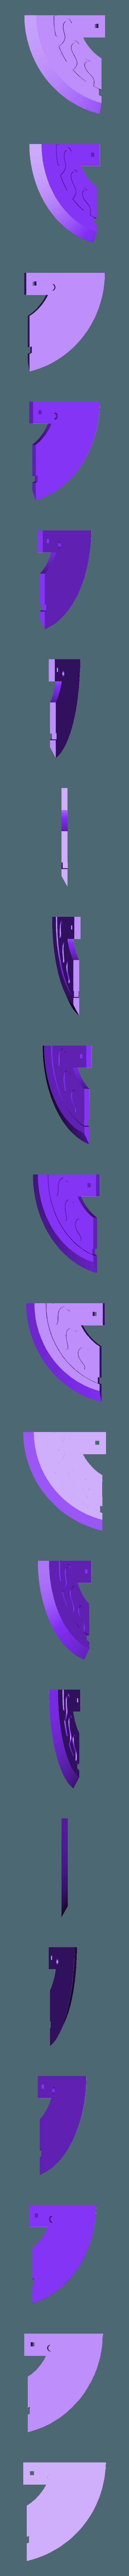 bladeUB.stl Télécharger fichier STL gratuit Hache de main de Norn Guild Wars 2 • Modèle pour imprimante 3D, reakain